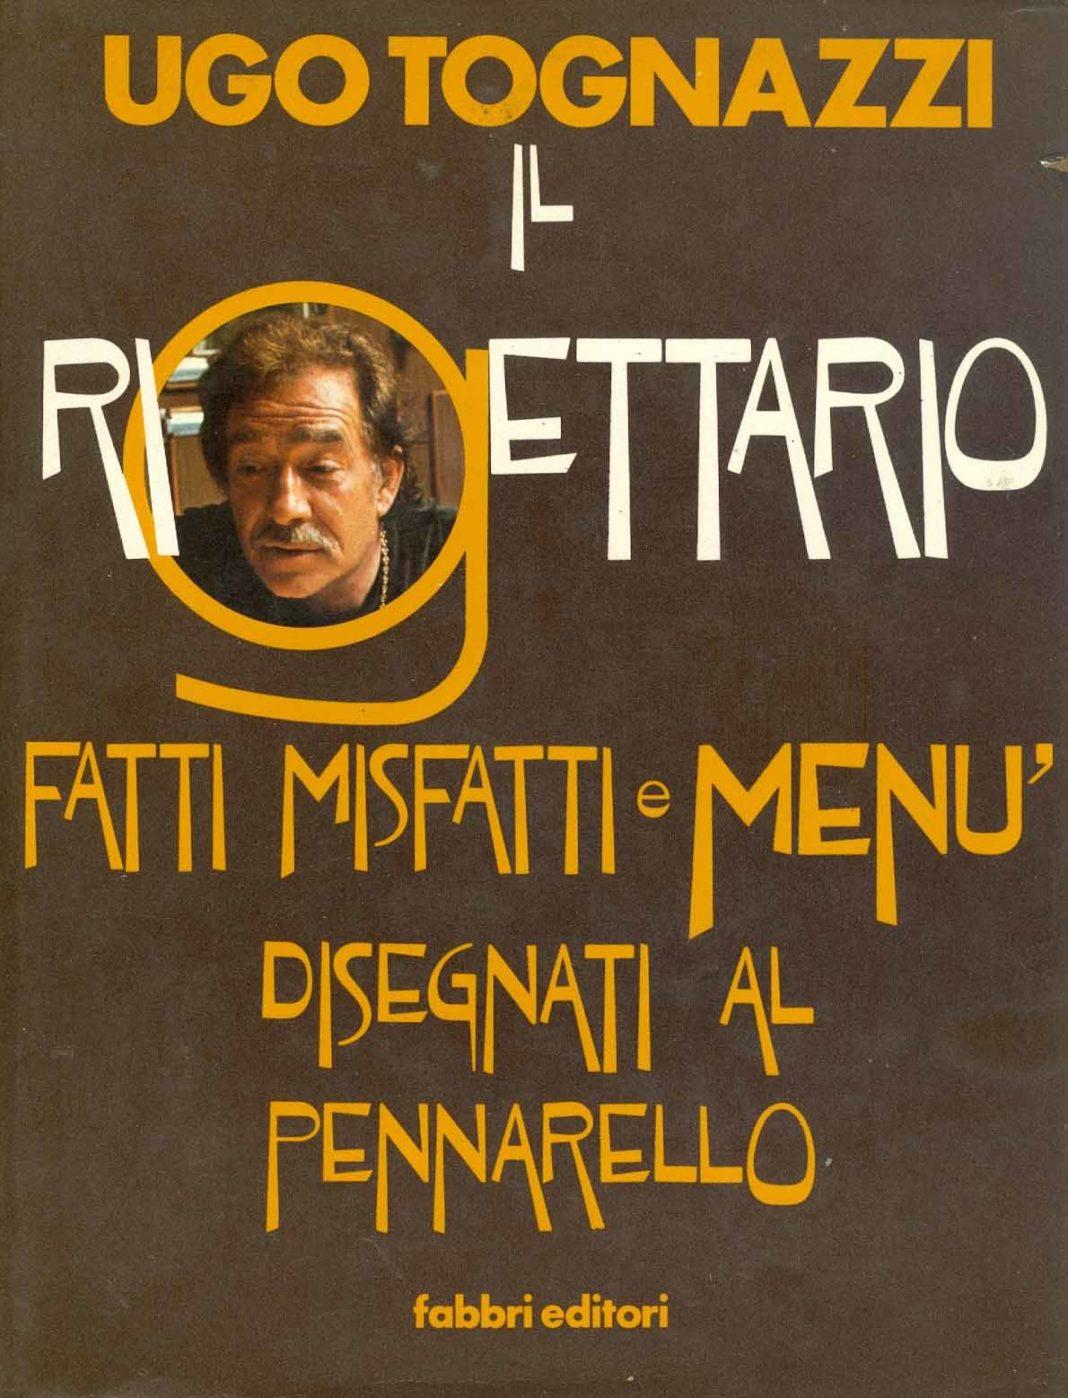 Copertina del libro: Il rigettario: fatti, misfatti e menù disegnati al pennarello (Ugo Tognazzi)